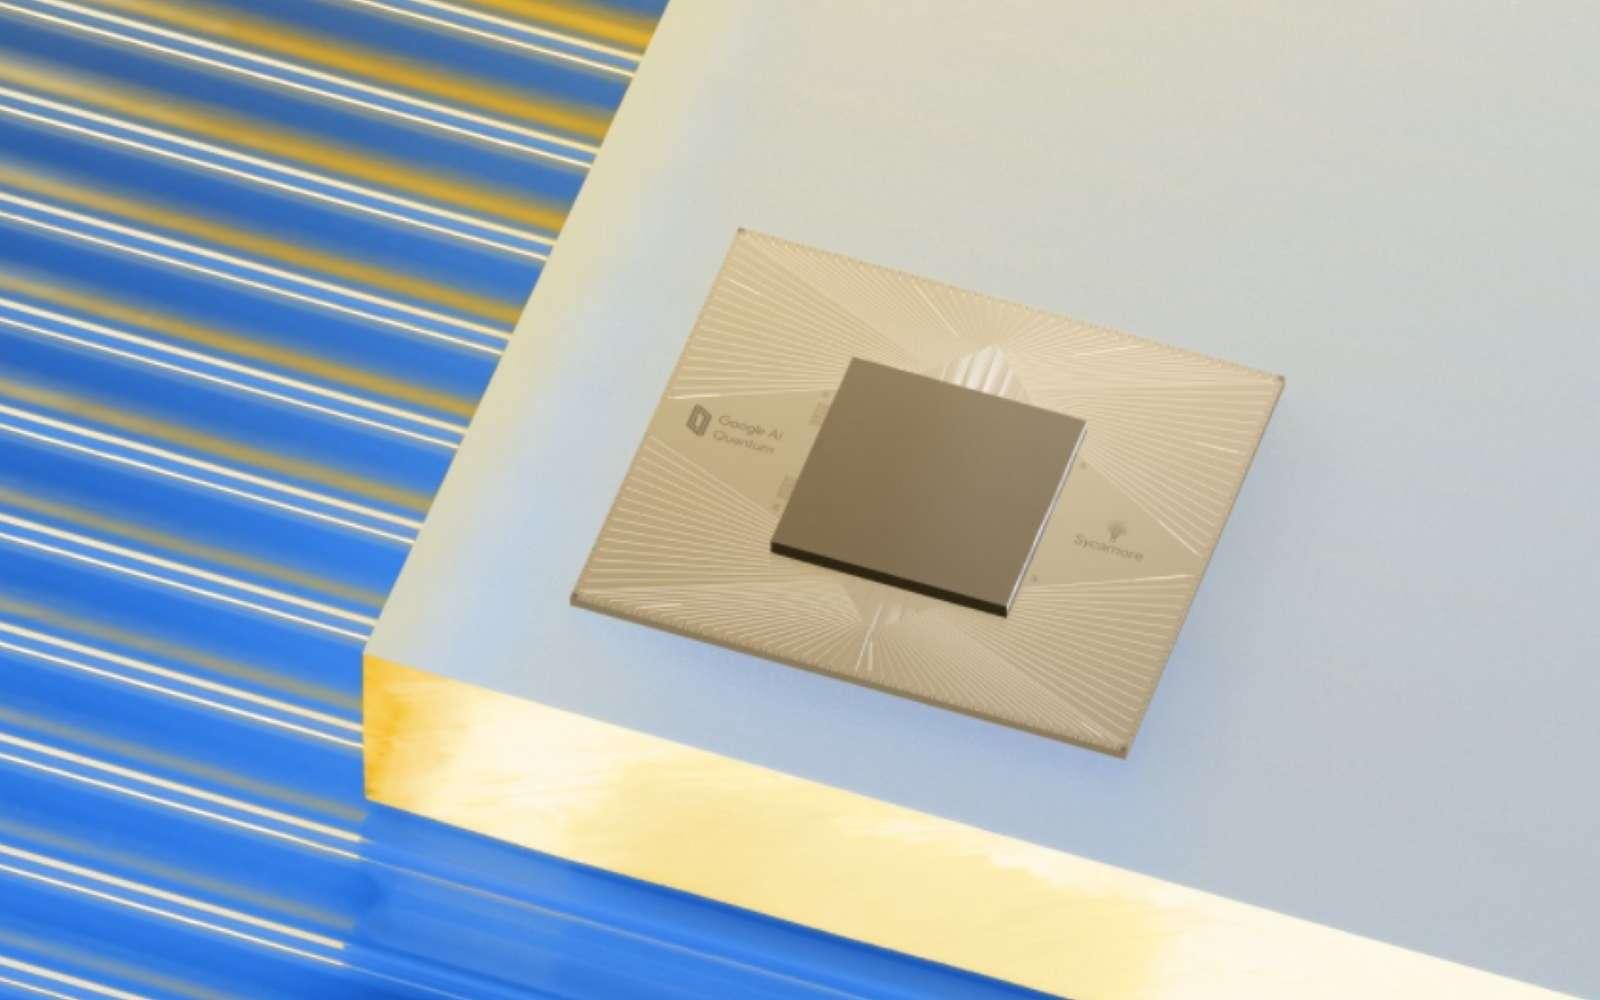 La puce quantique de Google est dotée de 54 qubits. C'est à partir de ce genre de puce que la firme souhaite constituer un ordinateur quantique d'1.000.000 de qubits. © Google